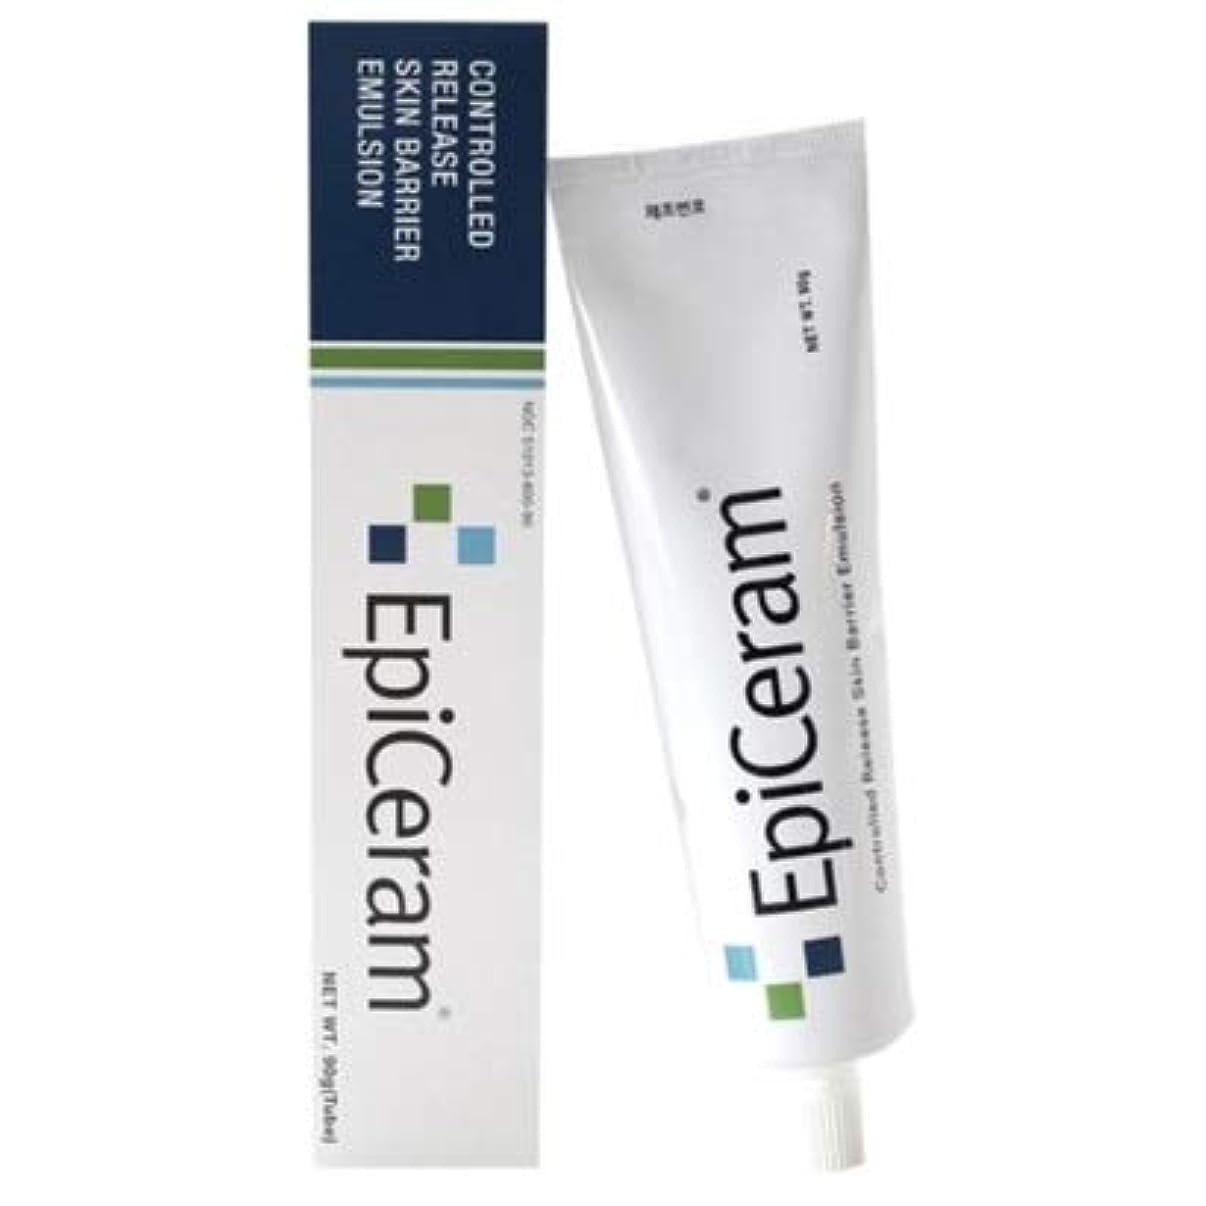 植物の精査動脈[Epiceram]日本発売記念セール(1000円割)! [ 非ステロイド/安全なアトピー1次治療剤-米FDA承認 ] Epiceram エッピセラム 90g. Skin Barrier Emulsion. X Mask Pack 2p